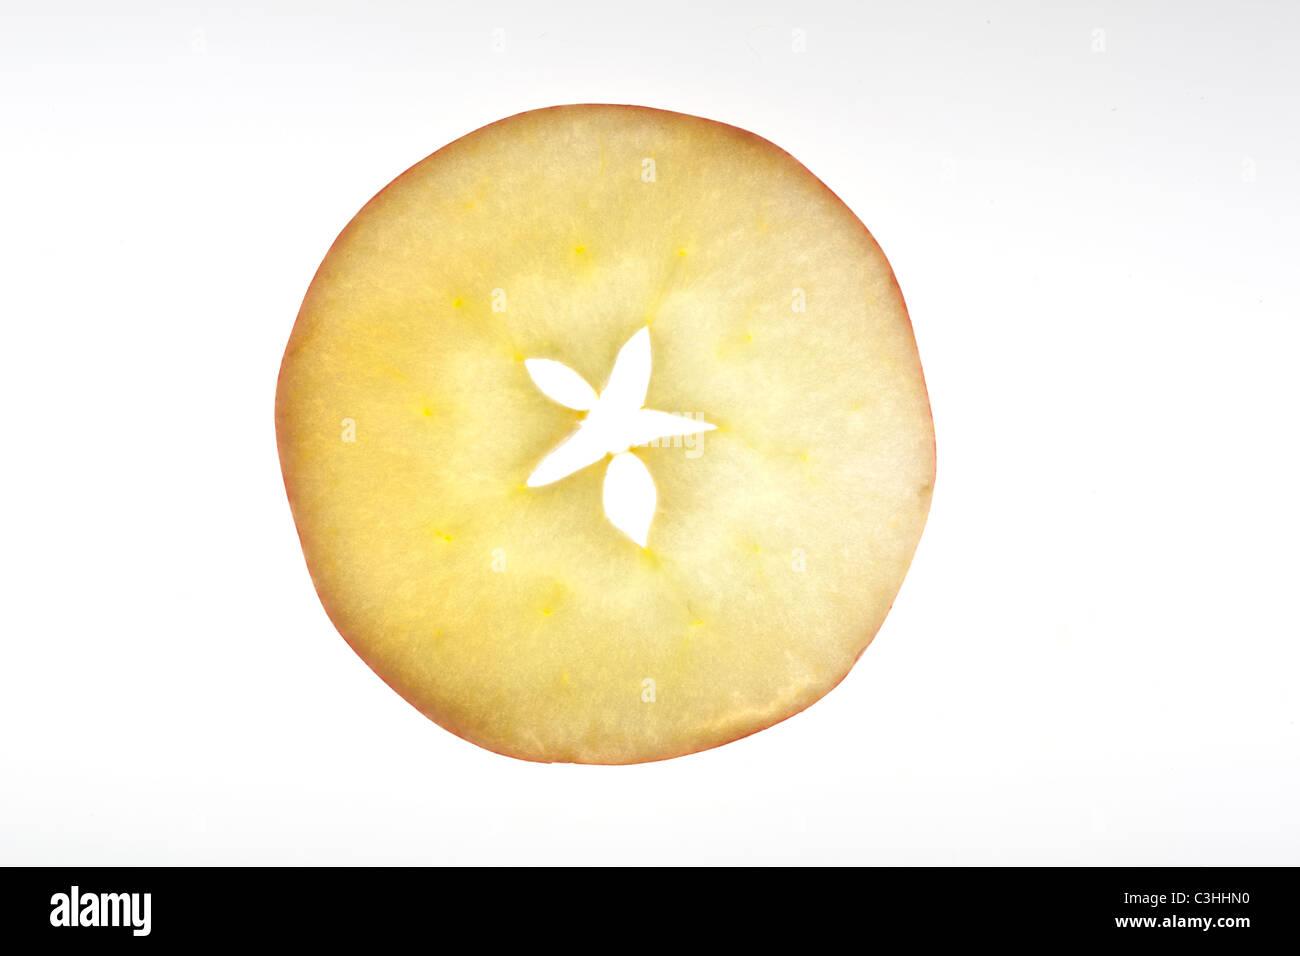 Runde Scheibe des Apfels Stockbild